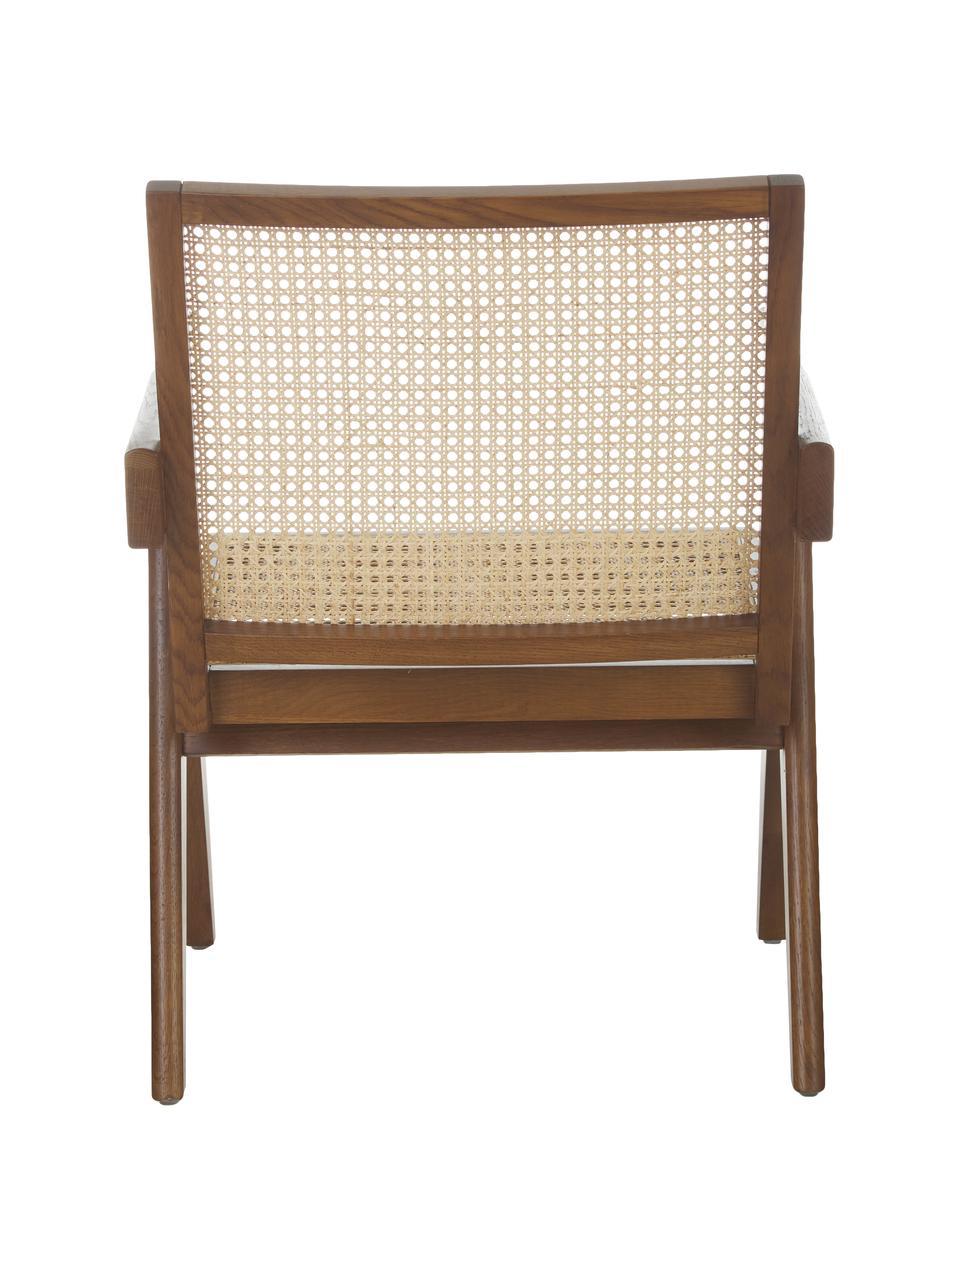 Sedia a poltrona con intreccio viennese Sissi, Struttura: legno di quercia massicci, Seduta: rattan, Legno di quercia, Larg. 58 x Prof. 66 cm